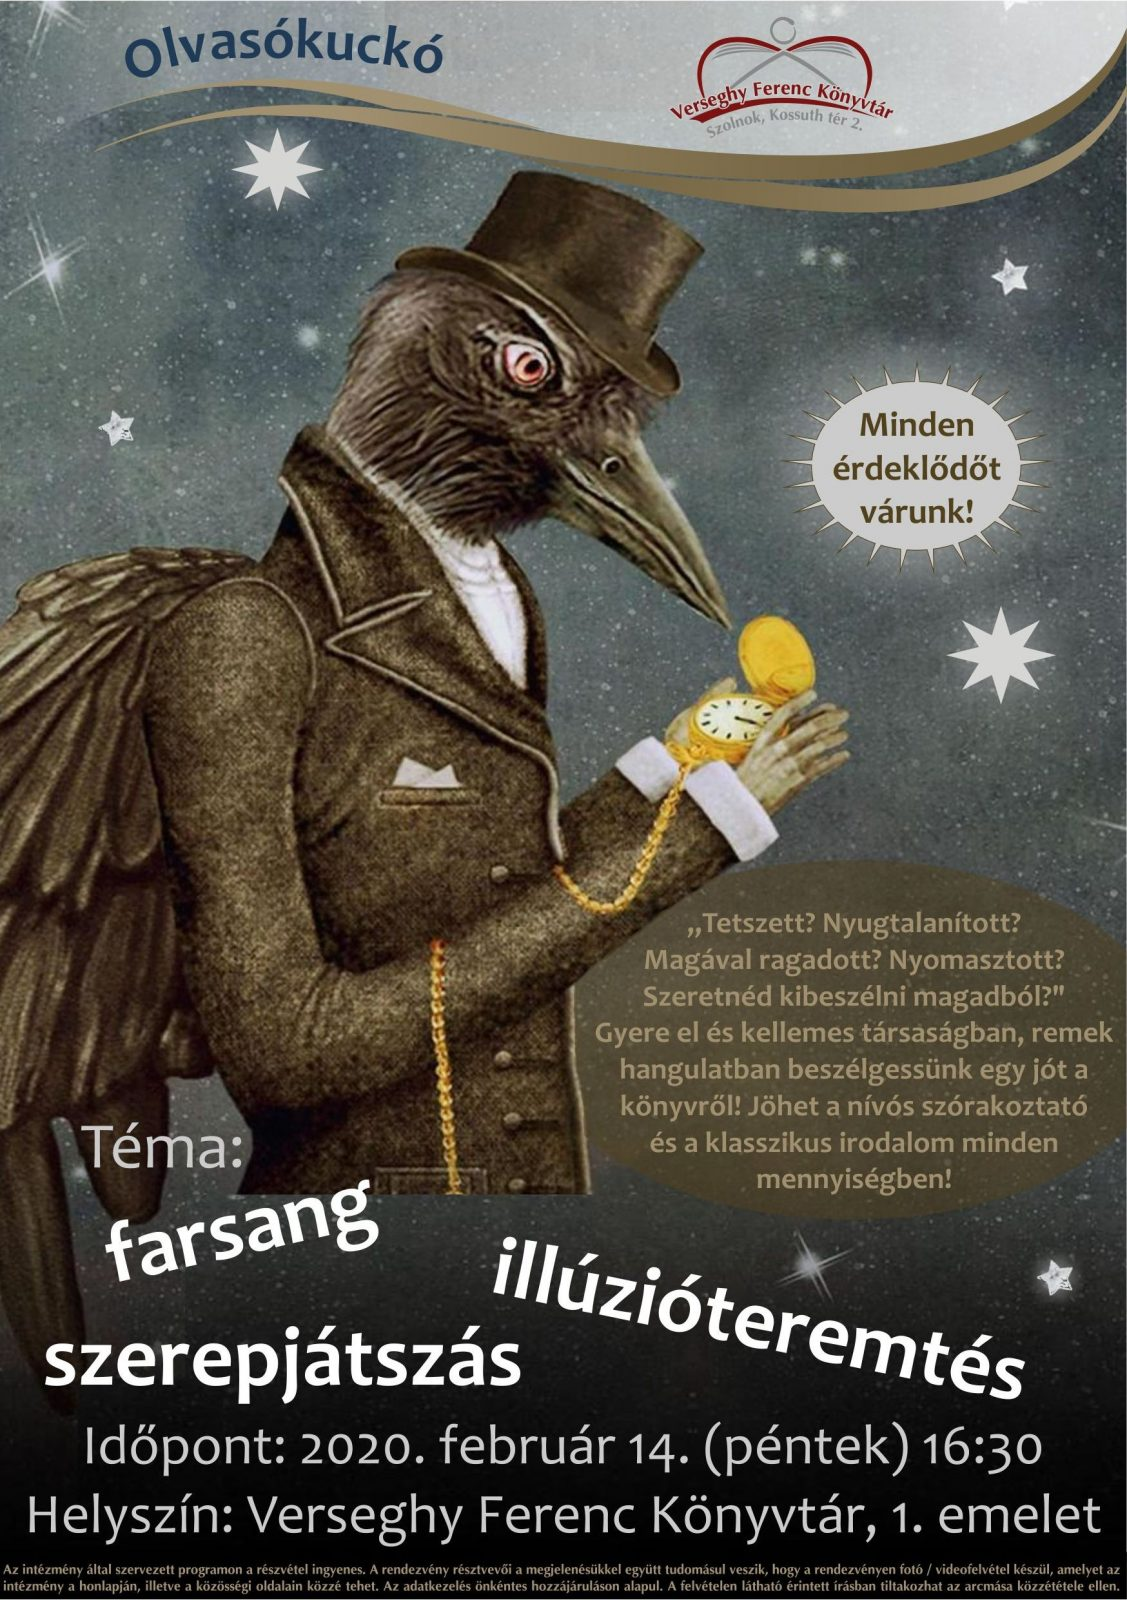 2020.02.14. Olvasókuckó. Plakát